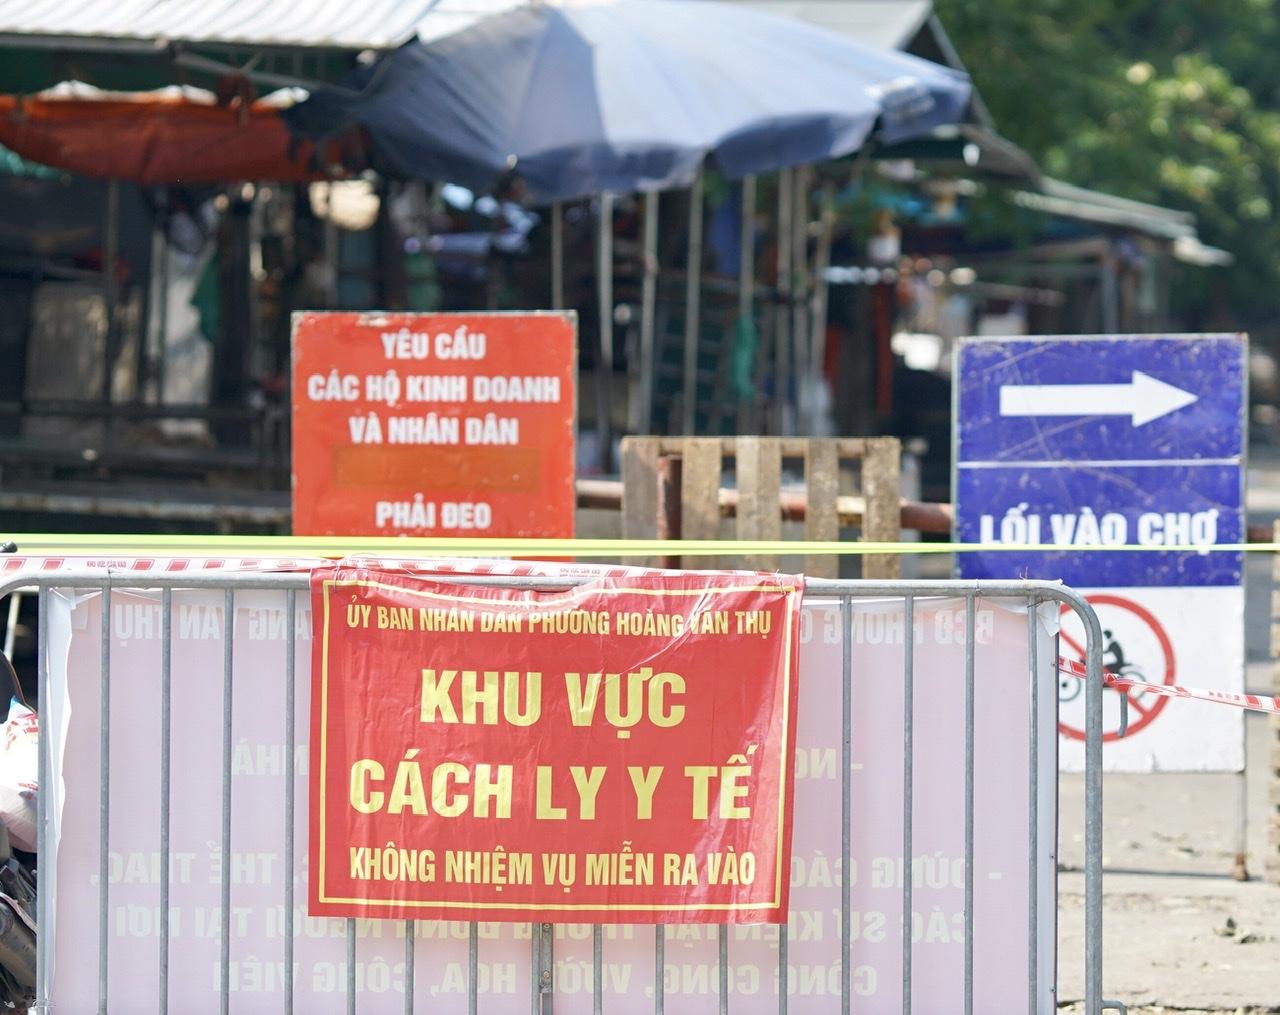 Theo Chủ tịch Chu Ngọc Anh, Hà Nội có thể áp dụng một số biện pháp mạnh hơn Chỉ thị 17.